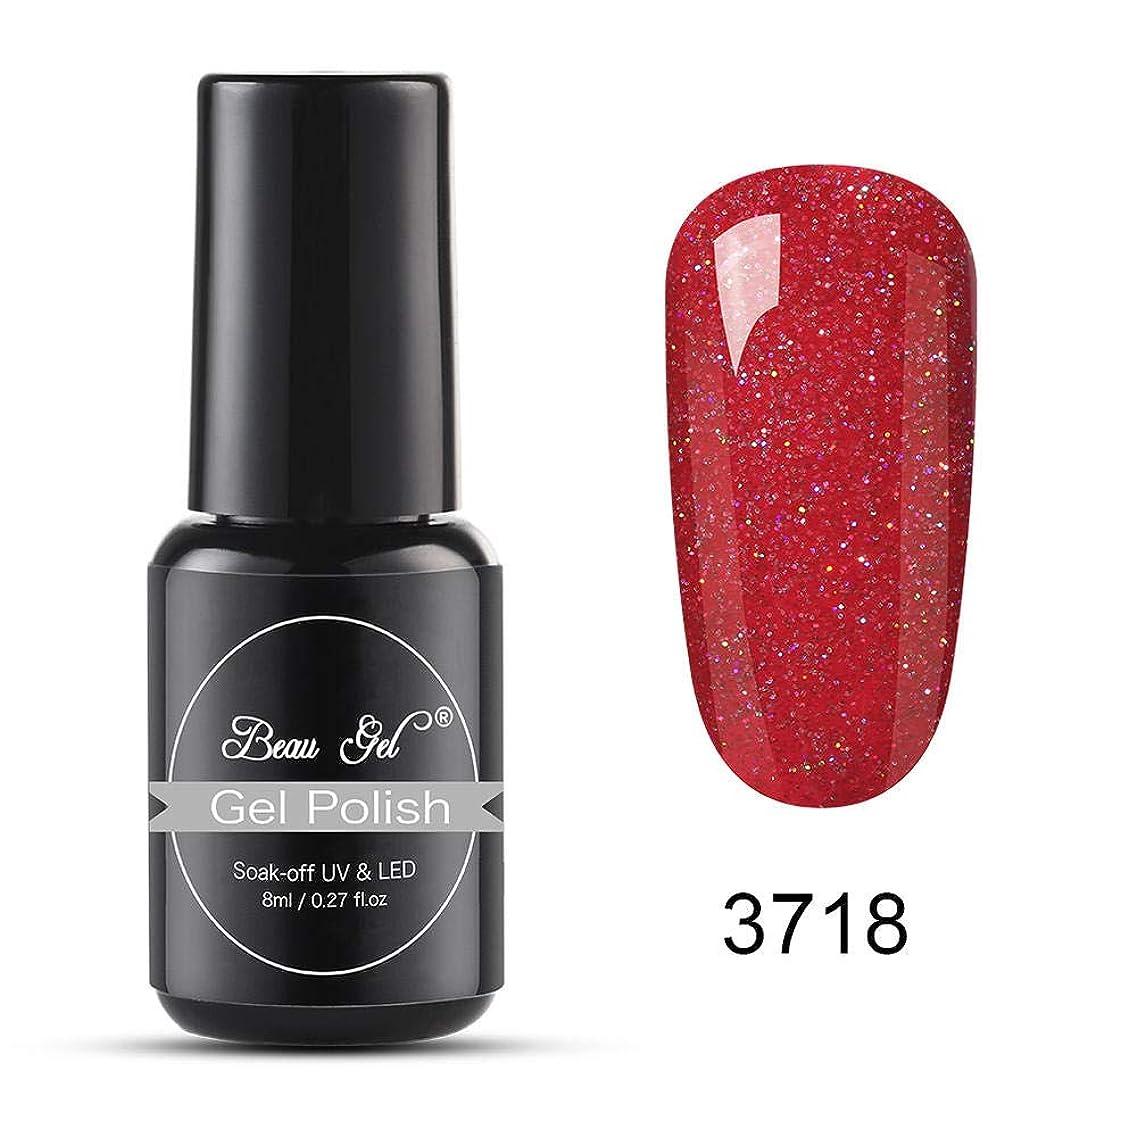 汗適切に否認するBeau gel ジェルネイル カラージェル 虹系 1色入り 8ml-3718